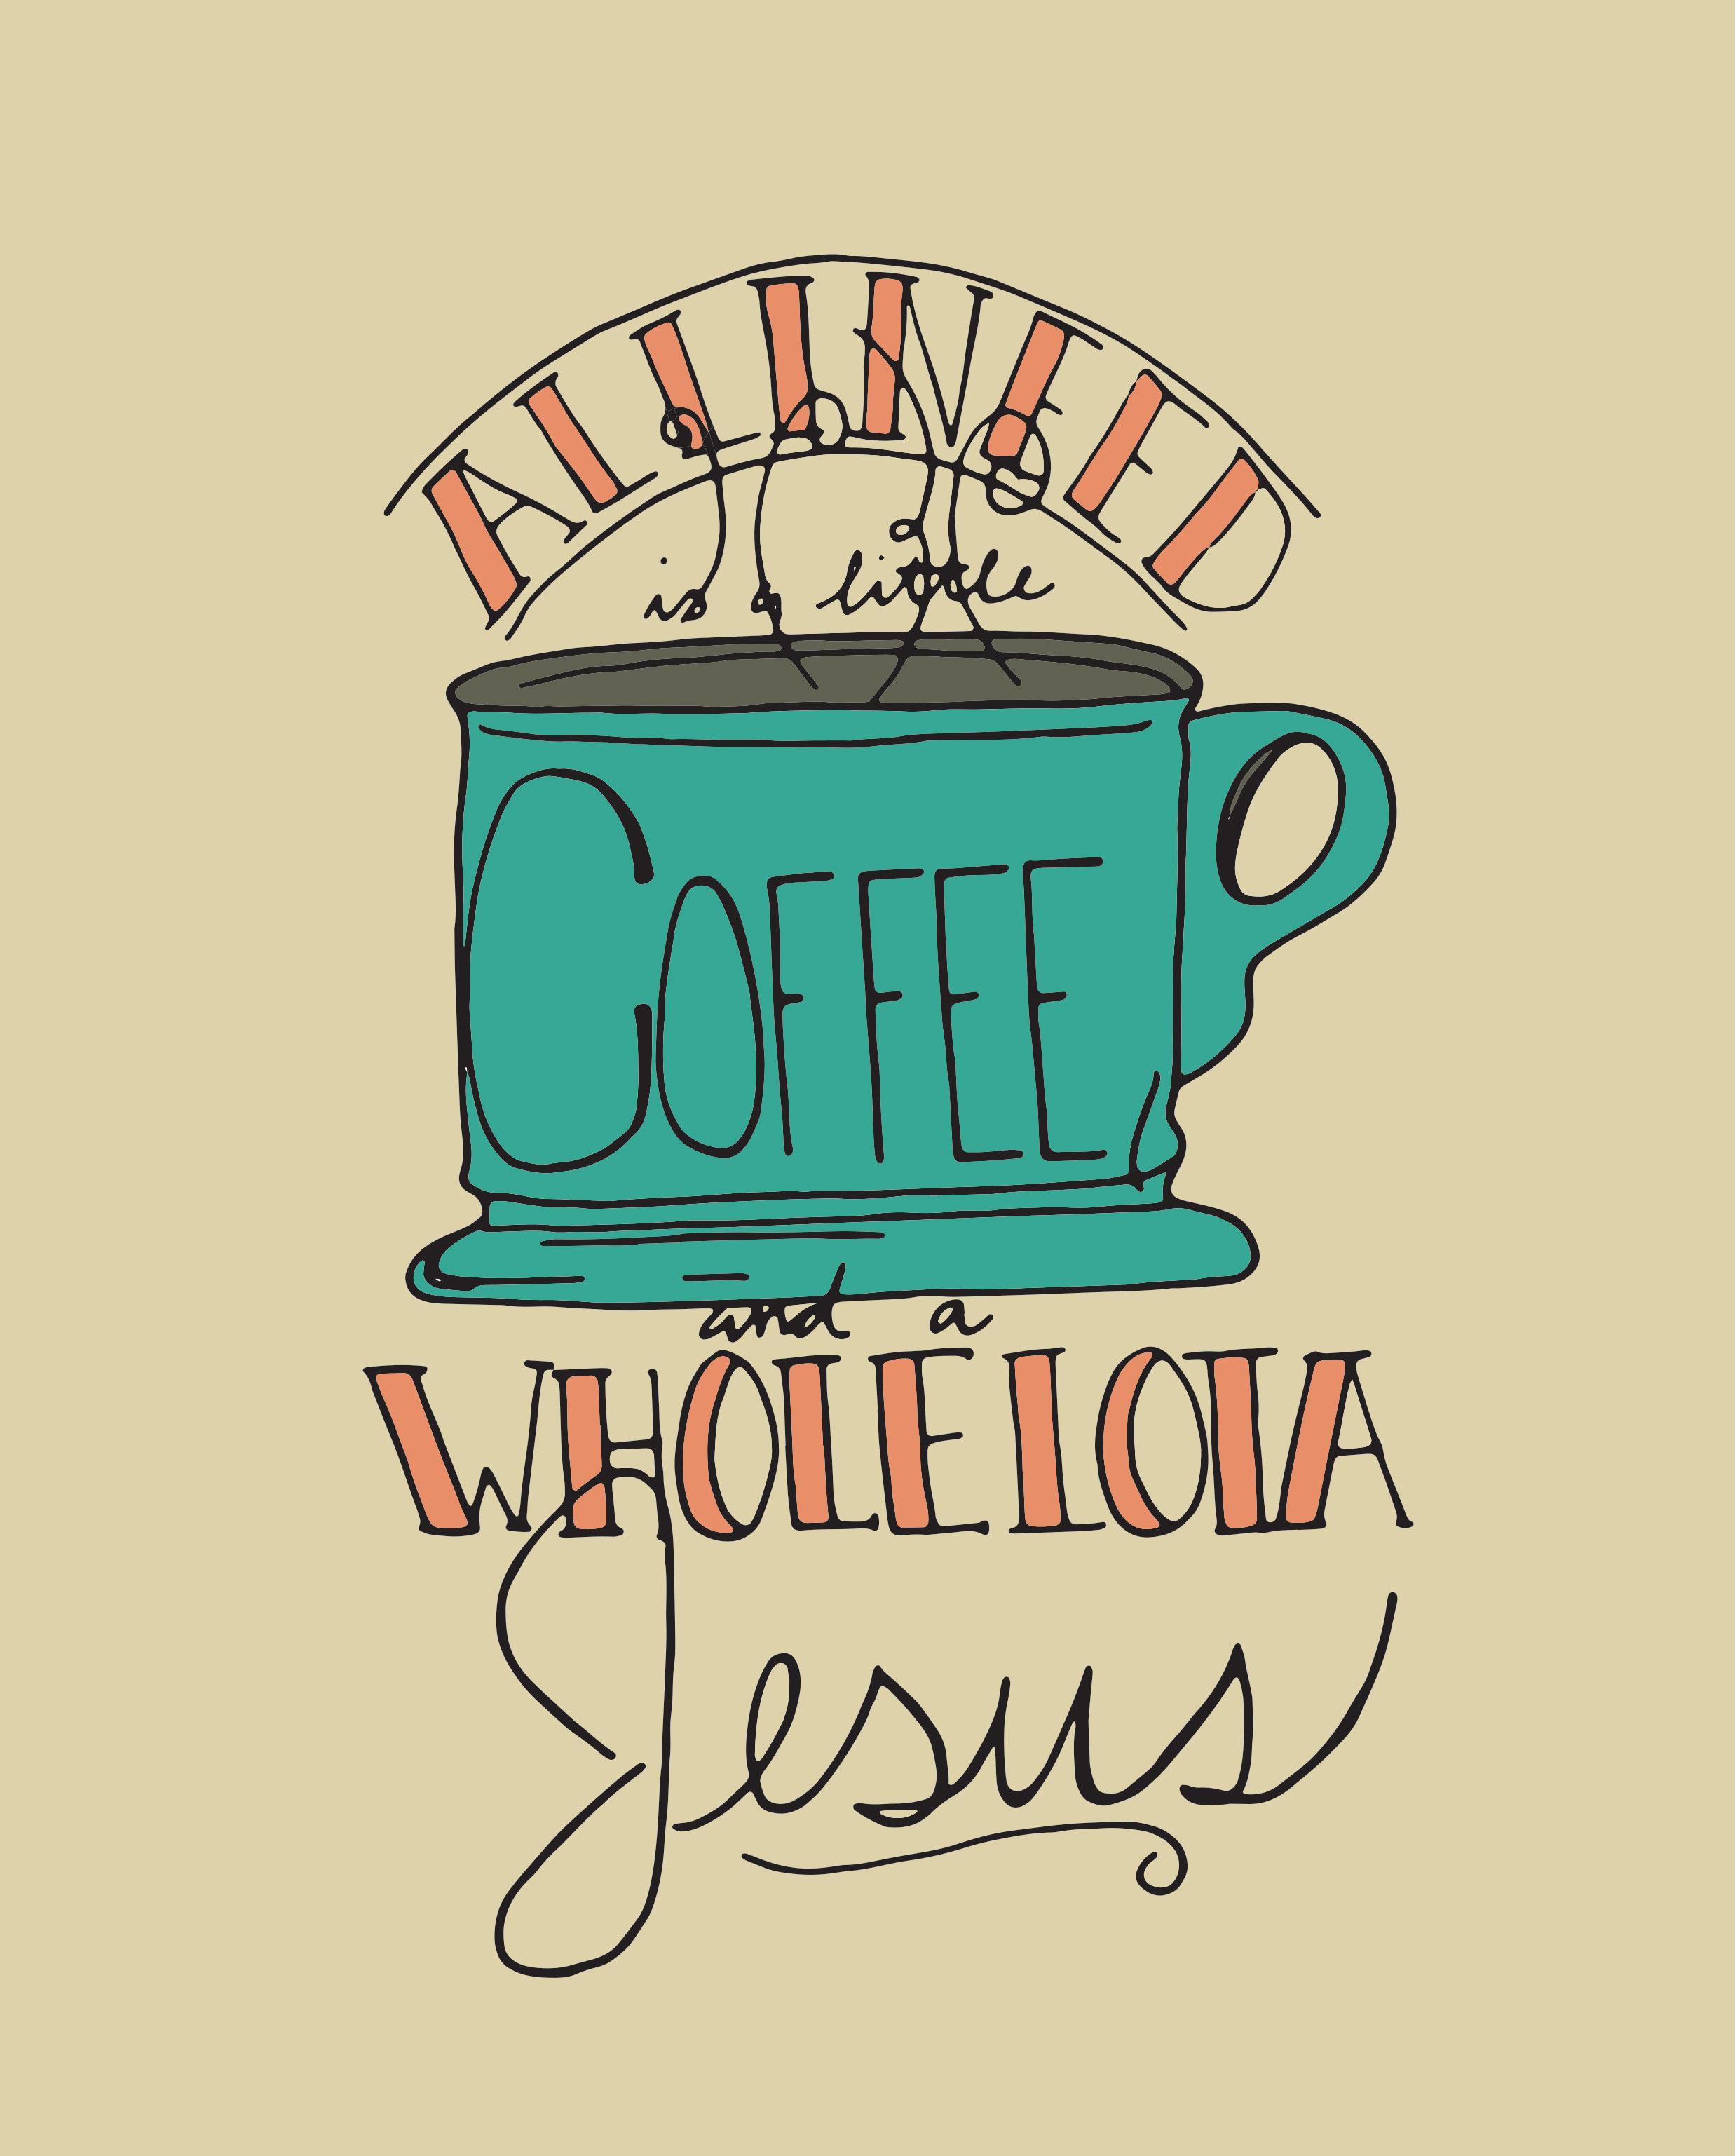 little coffee lota Jesus